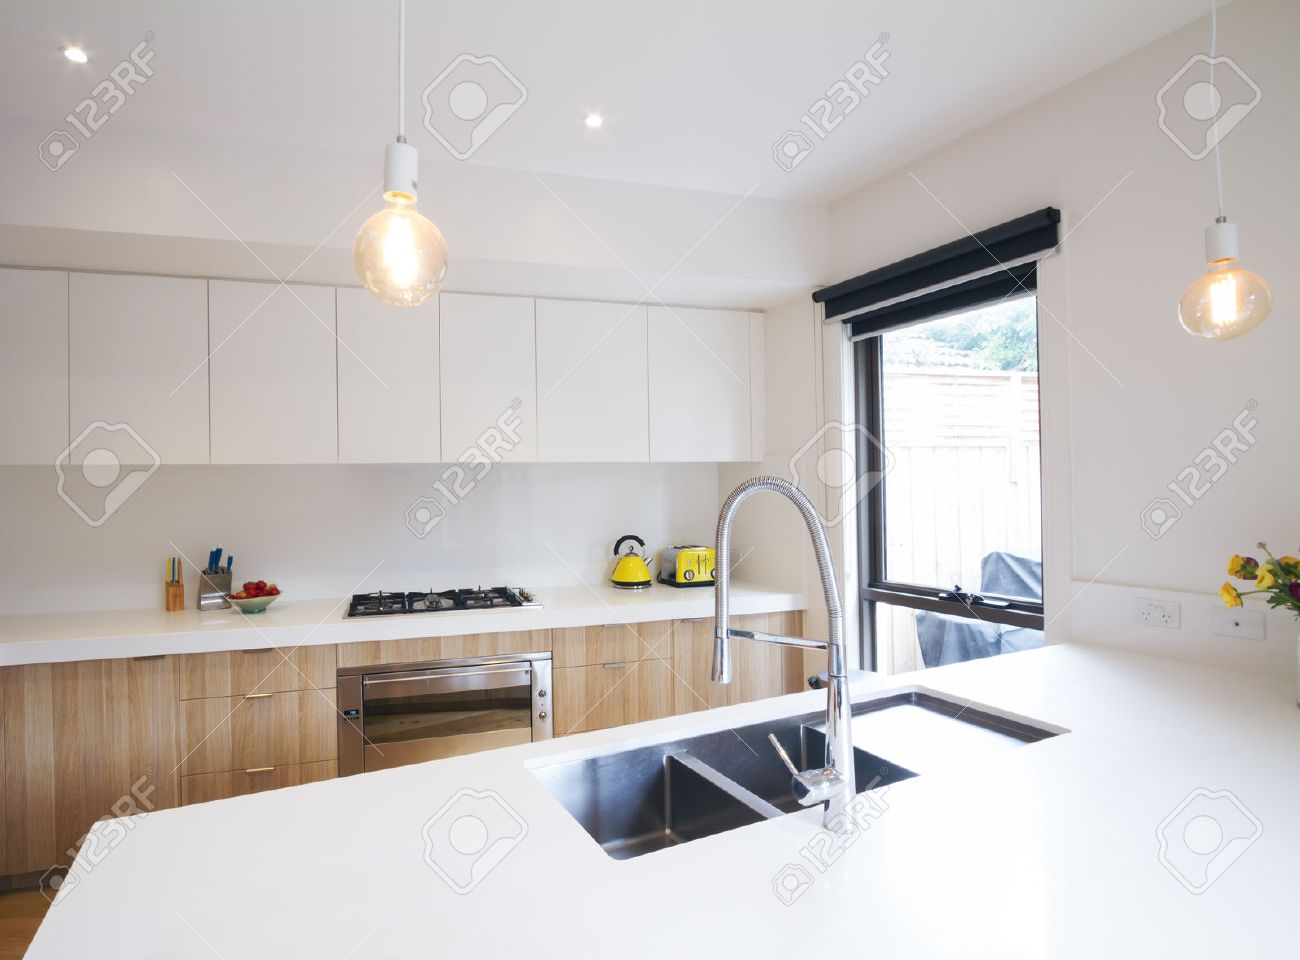 Moderne Küche Mit Anhänger Beleuchtung Und Versunkenen Waschbecken ...